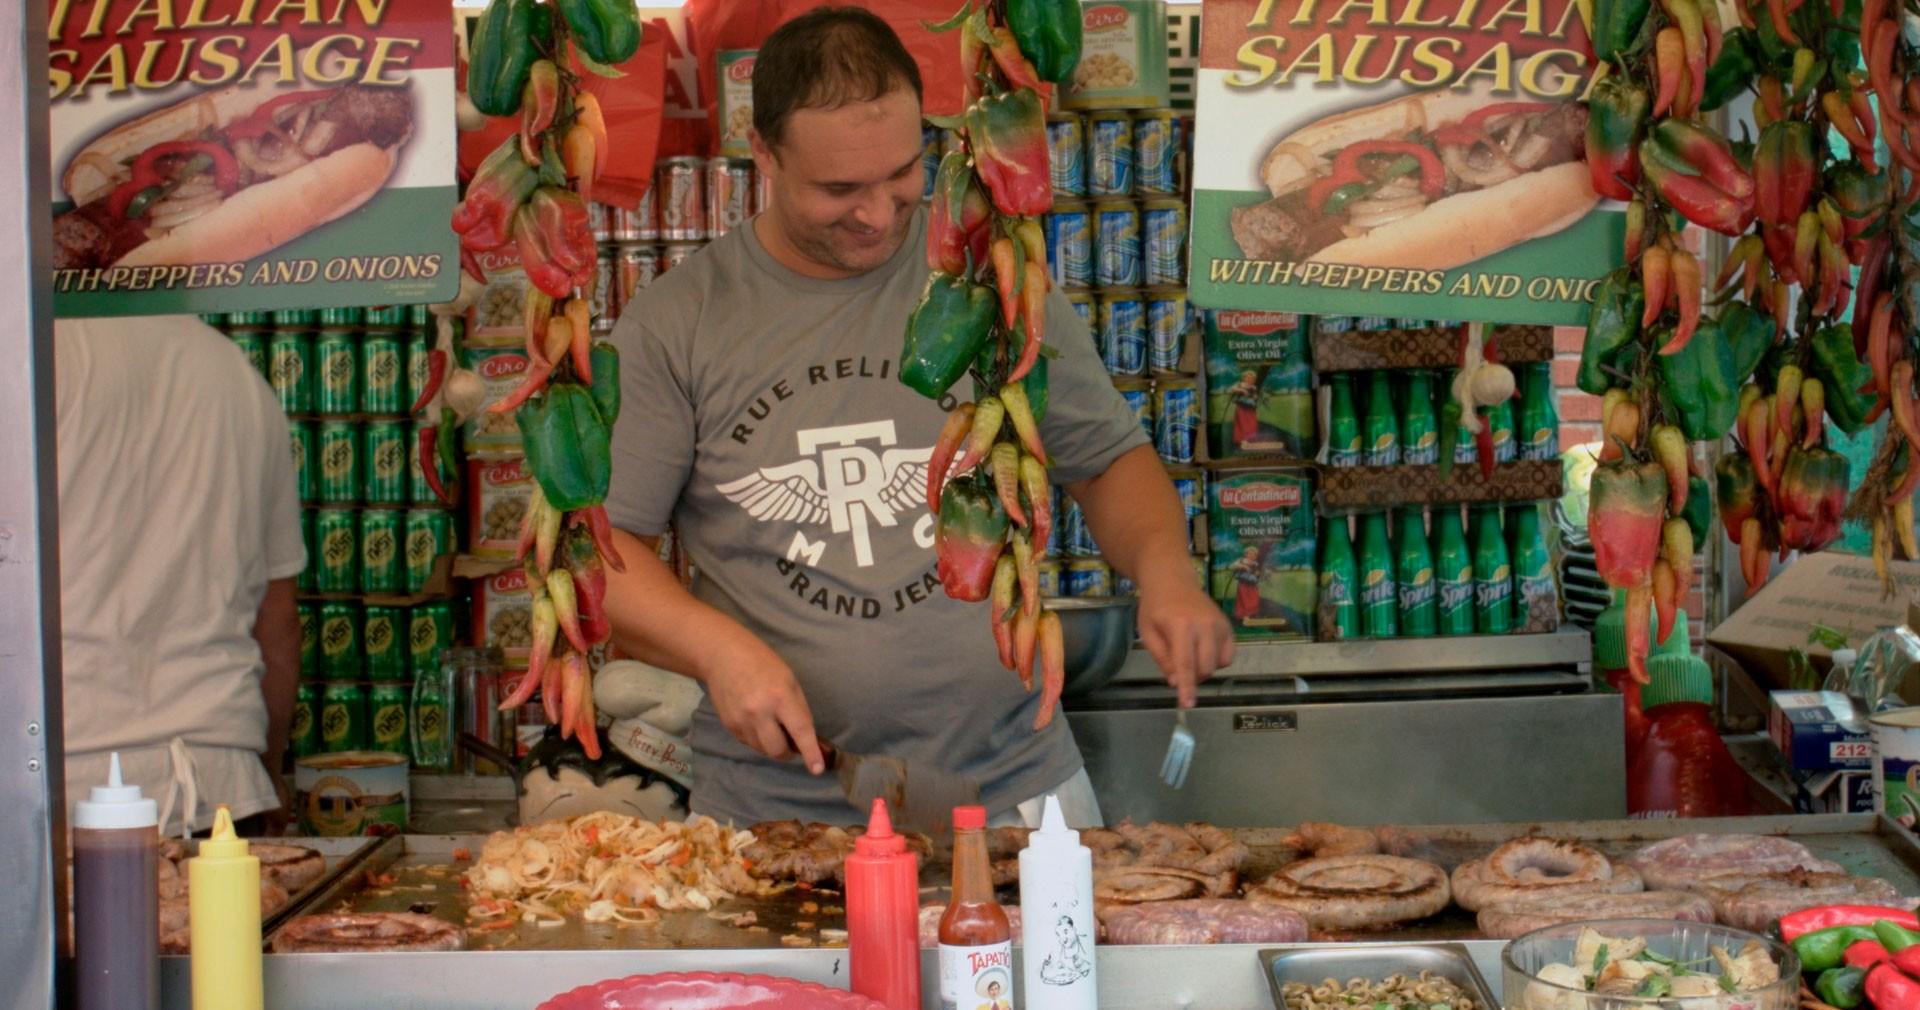 Talijanska kuhinja osvaja Ameriku